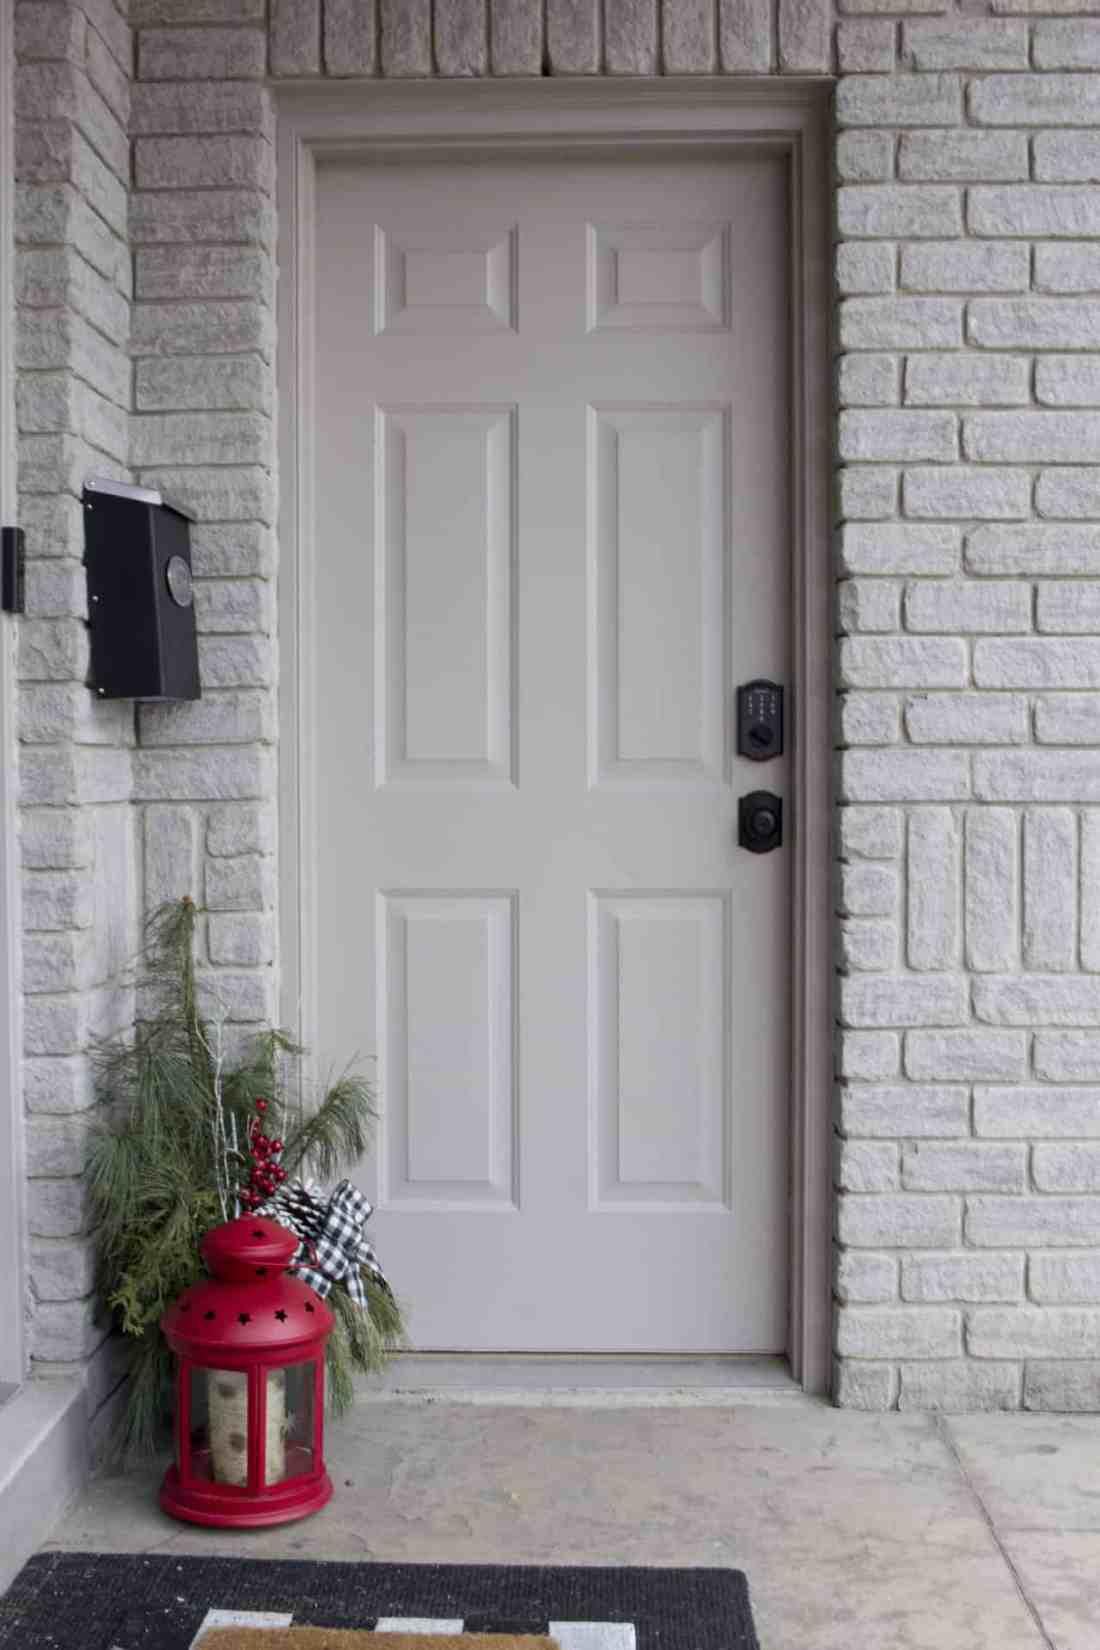 garage man door after new lock